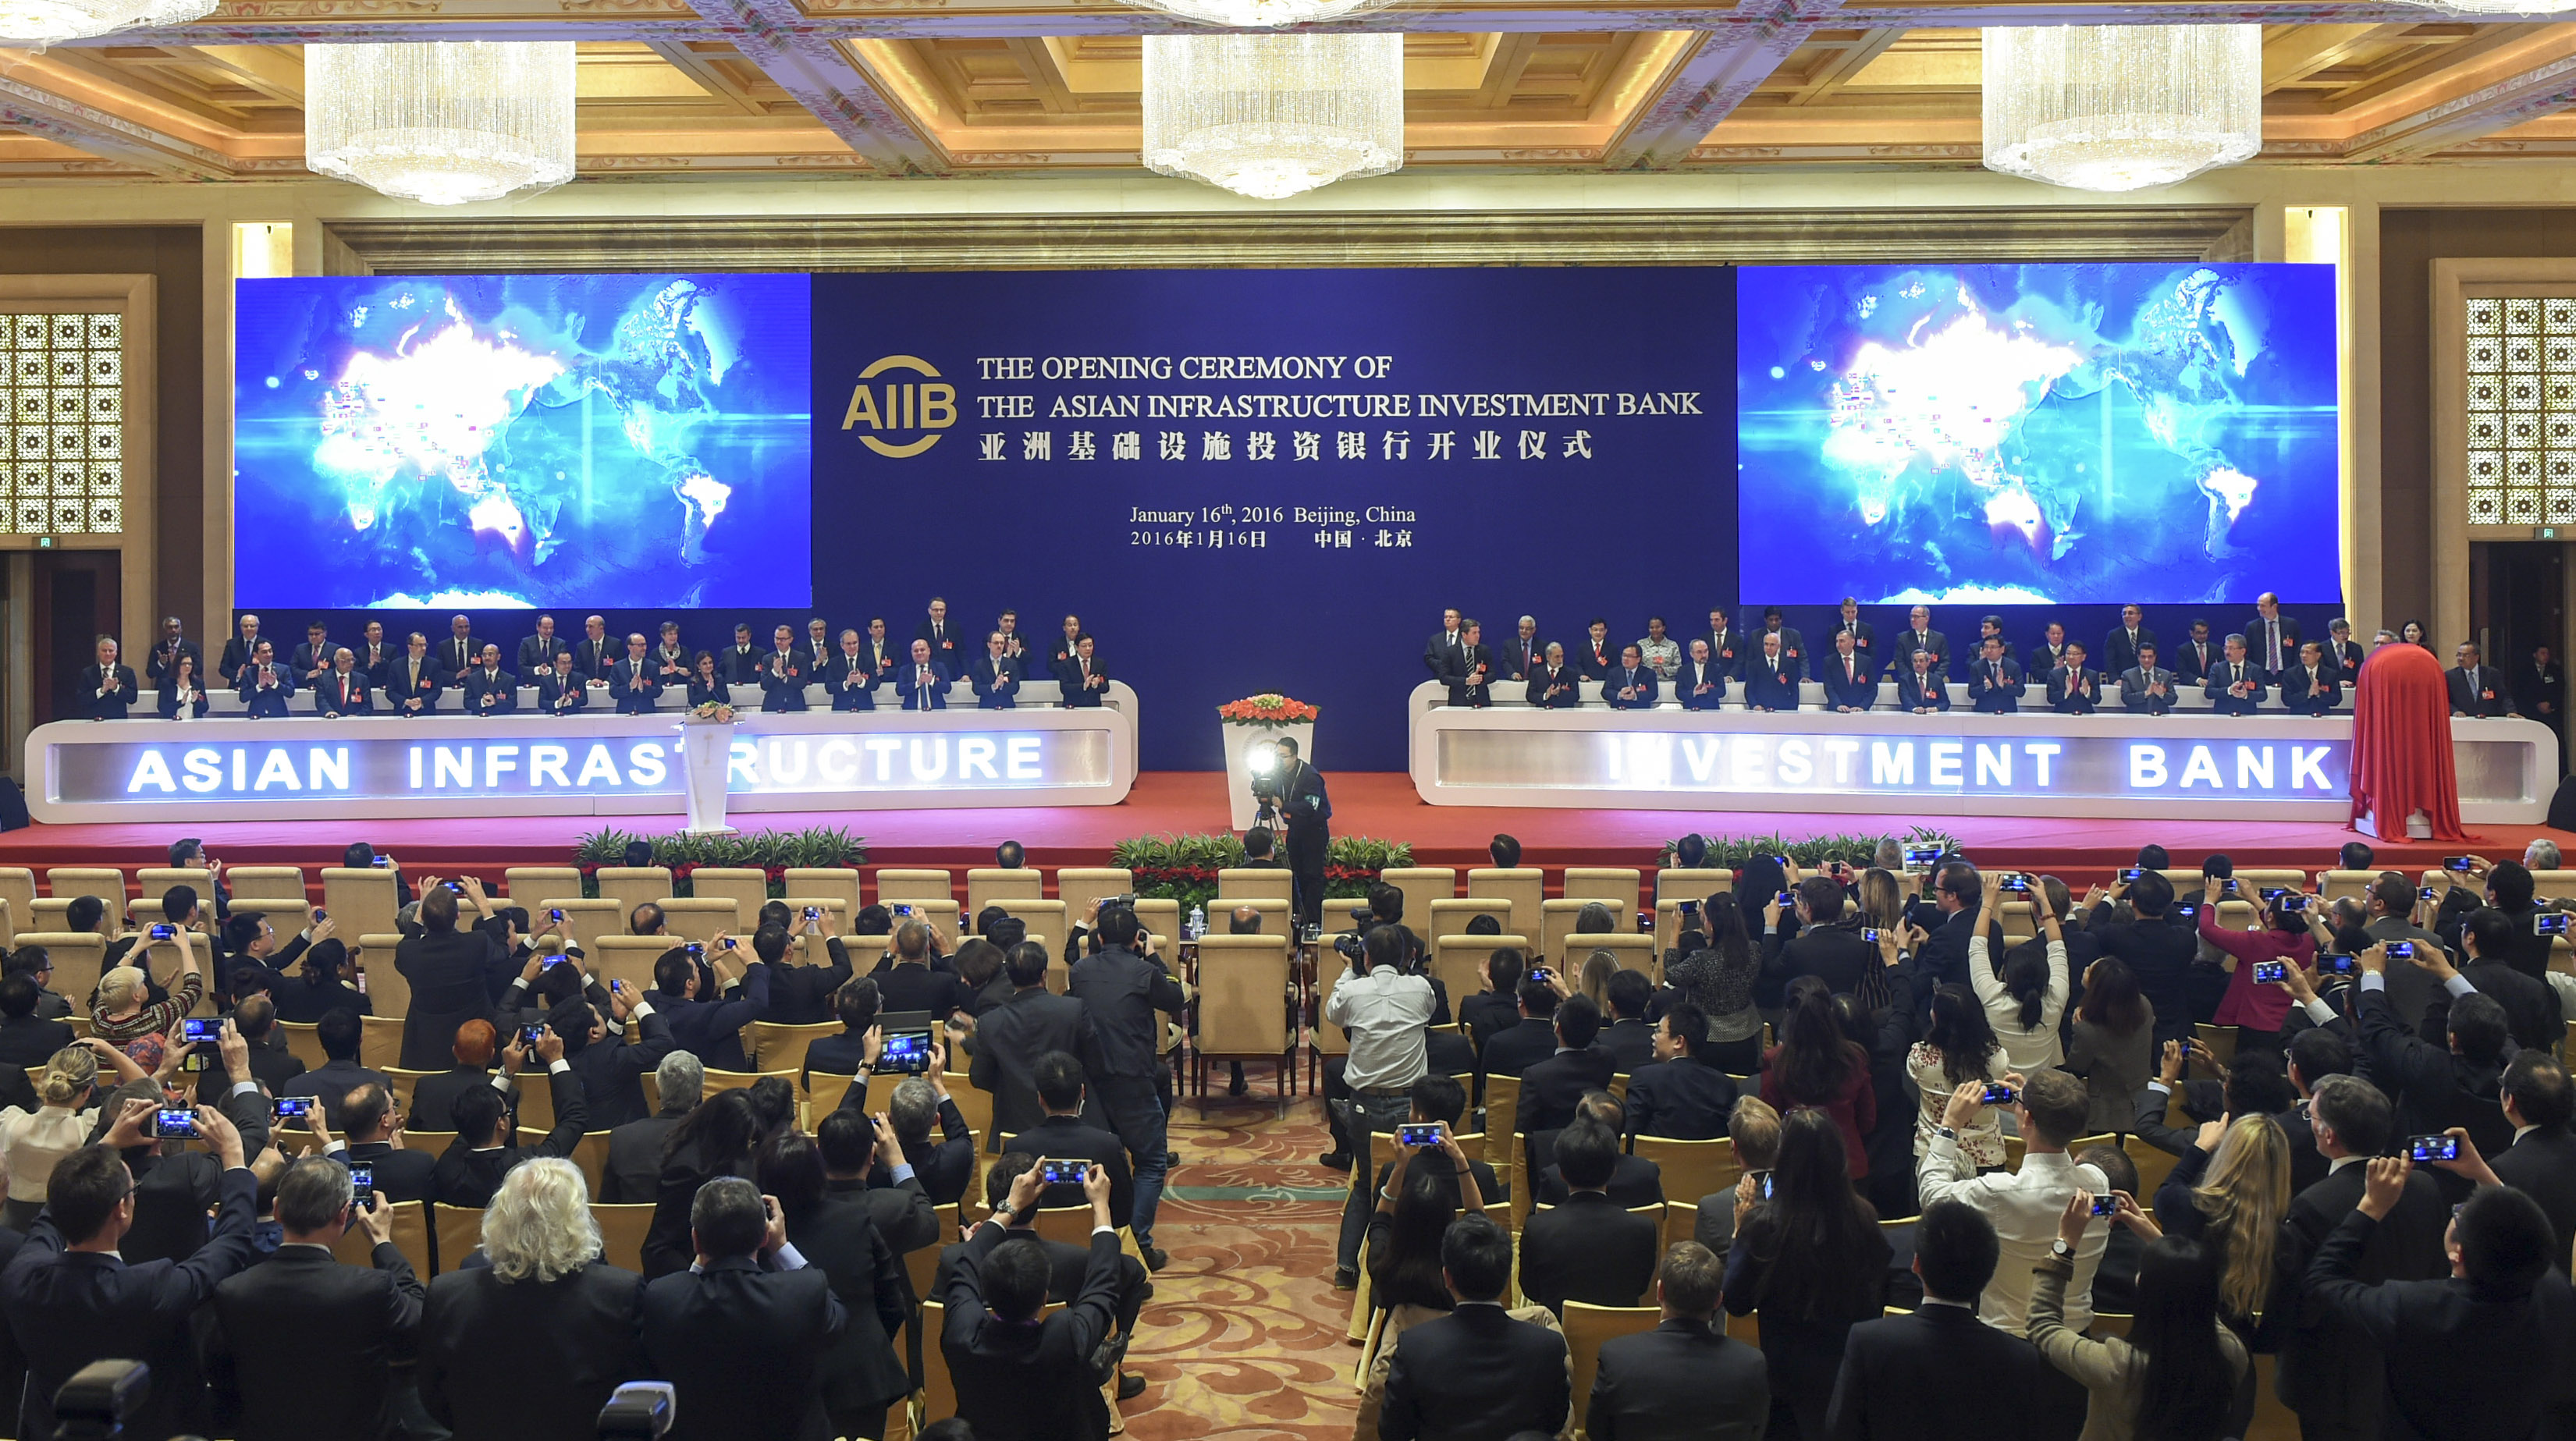 亚洲基础设施投资银行开业仪式在北京举行,来自57个创始成员国的代表共同按下启动键(2016年1月16日摄)。(新社记者谢环驰摄)